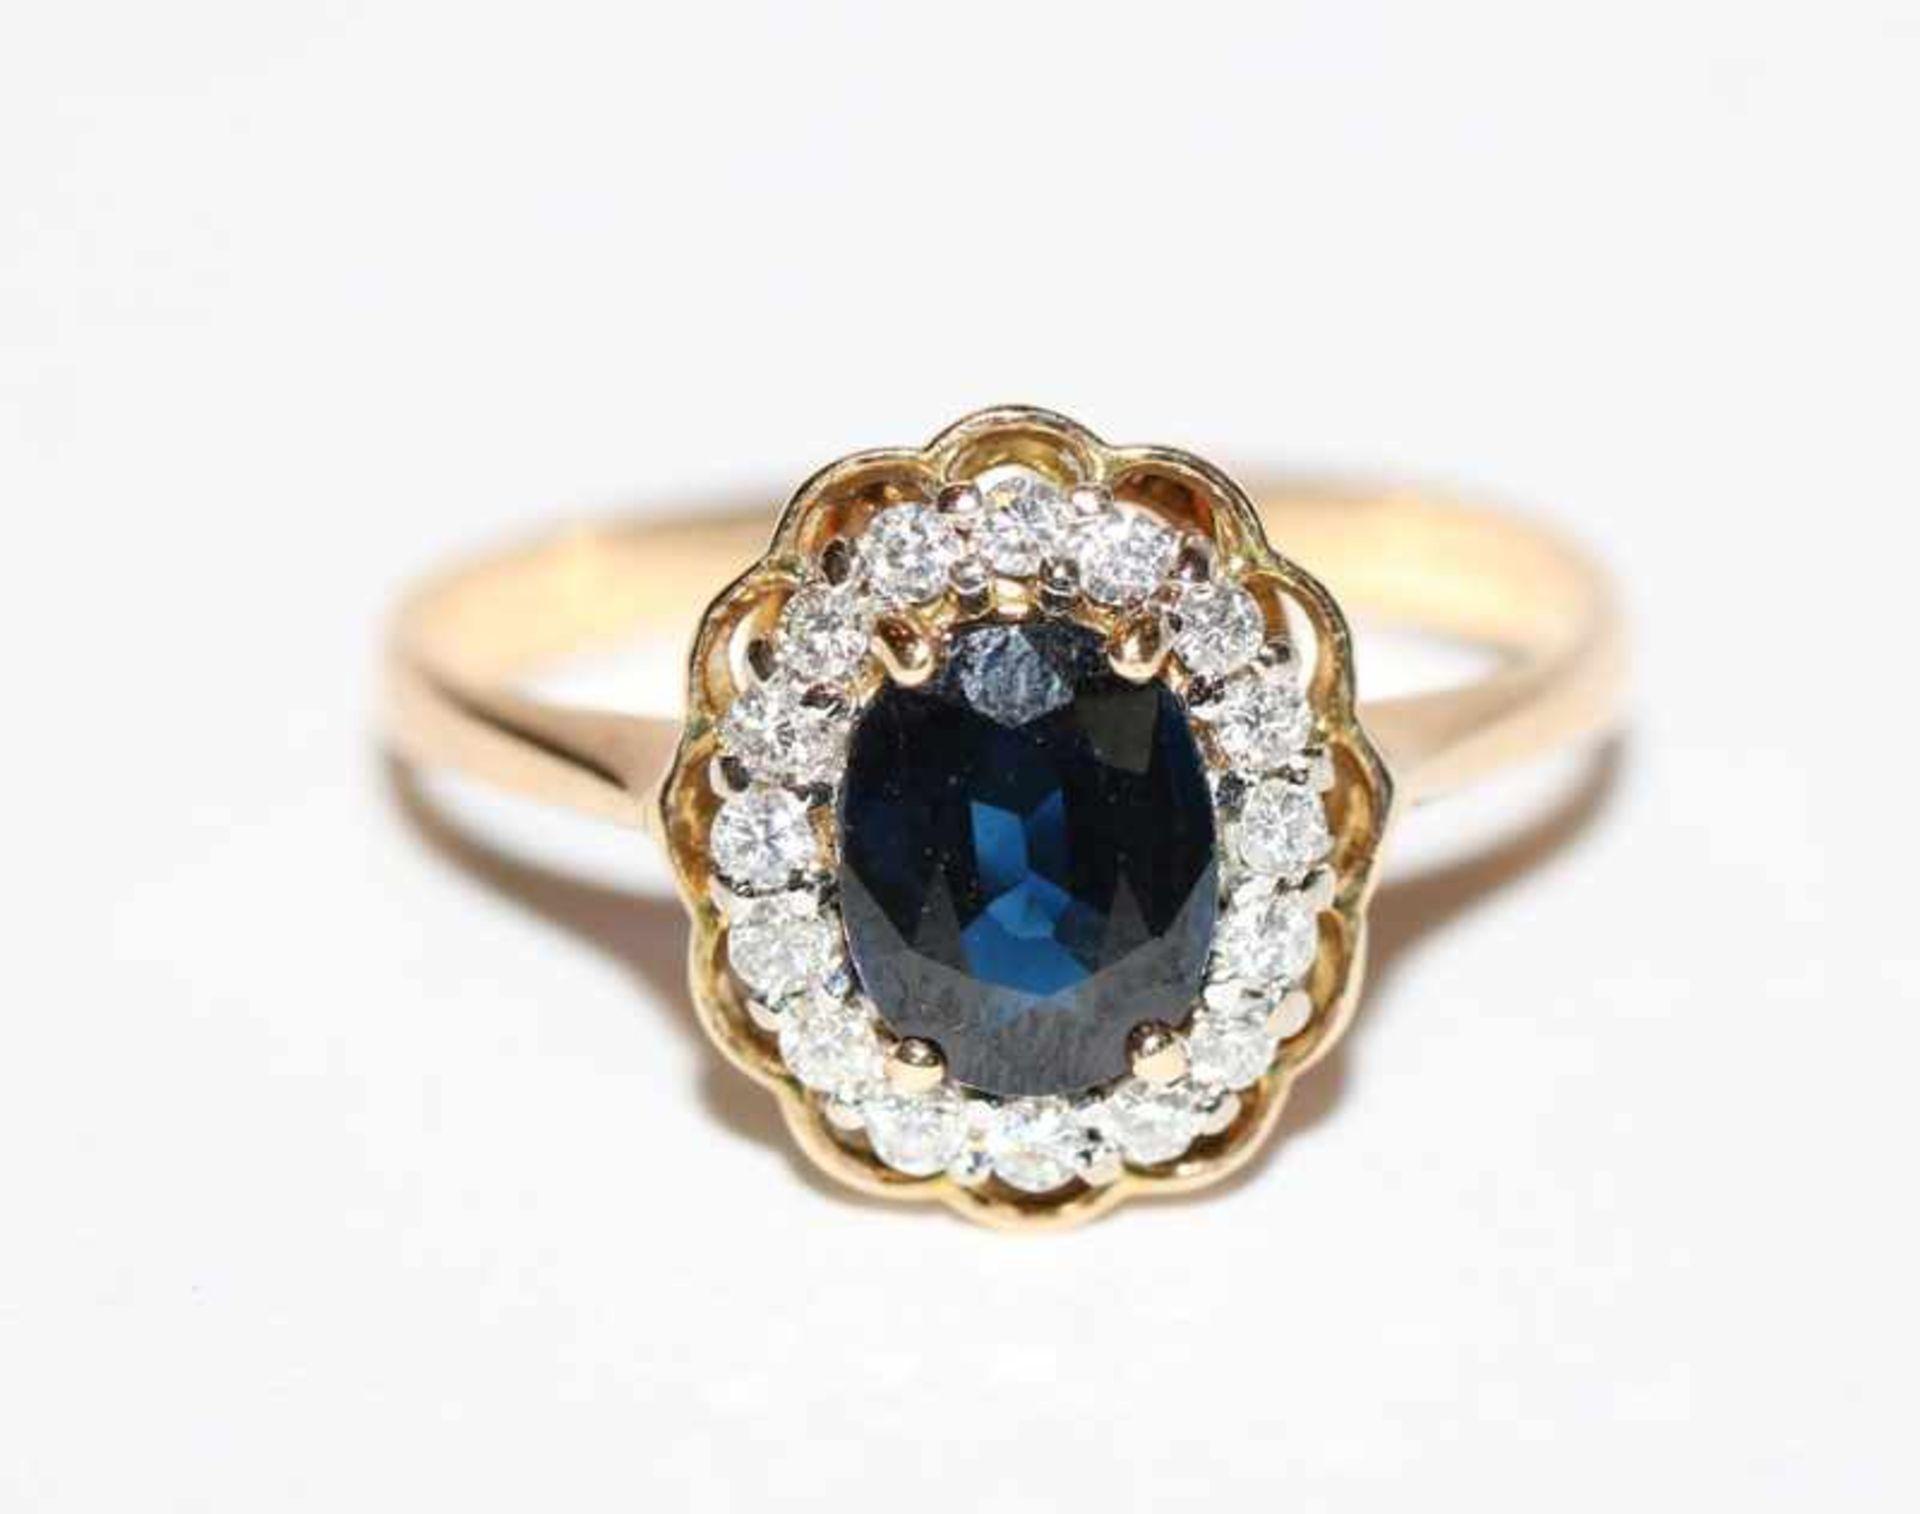 Los 18 - 14 k Gelbgold Ring mit blauem Farbstein und Brillantkranz, Gr. 60, klassische Handarbeit